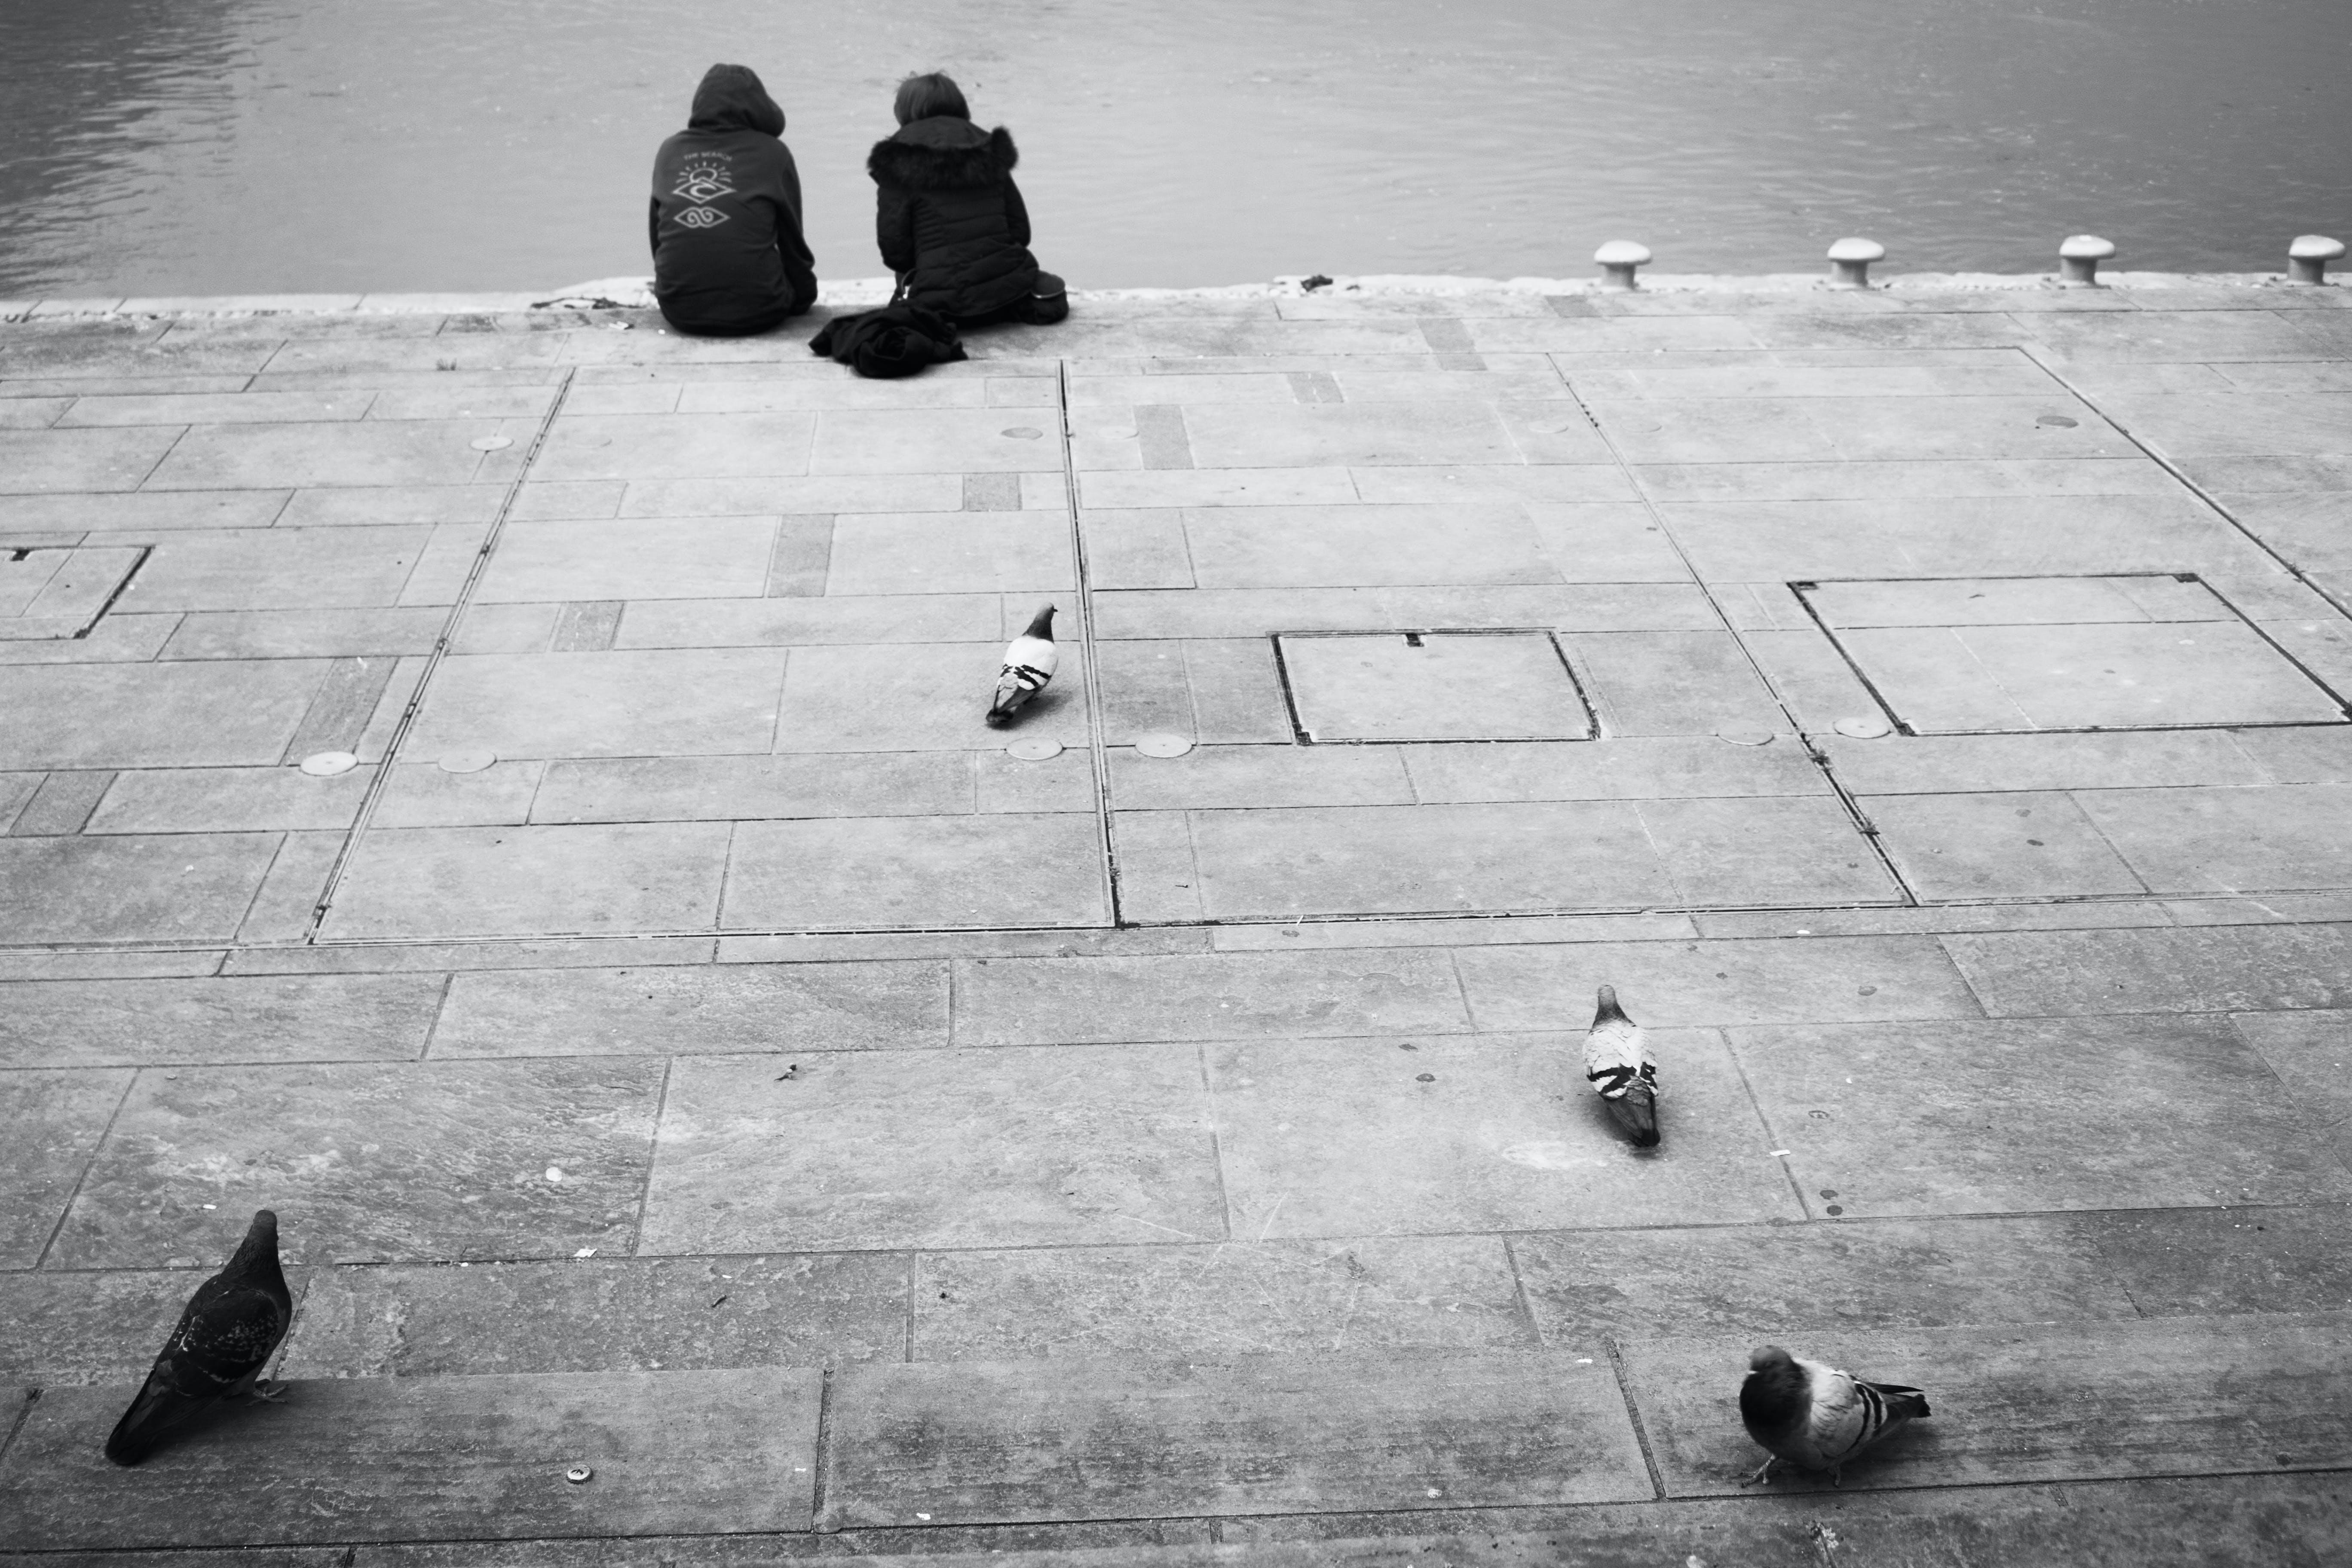 Δωρεάν στοκ φωτογραφιών με άνδρας, Άνθρωποι, ασπρόμαυρο, γυναίκα